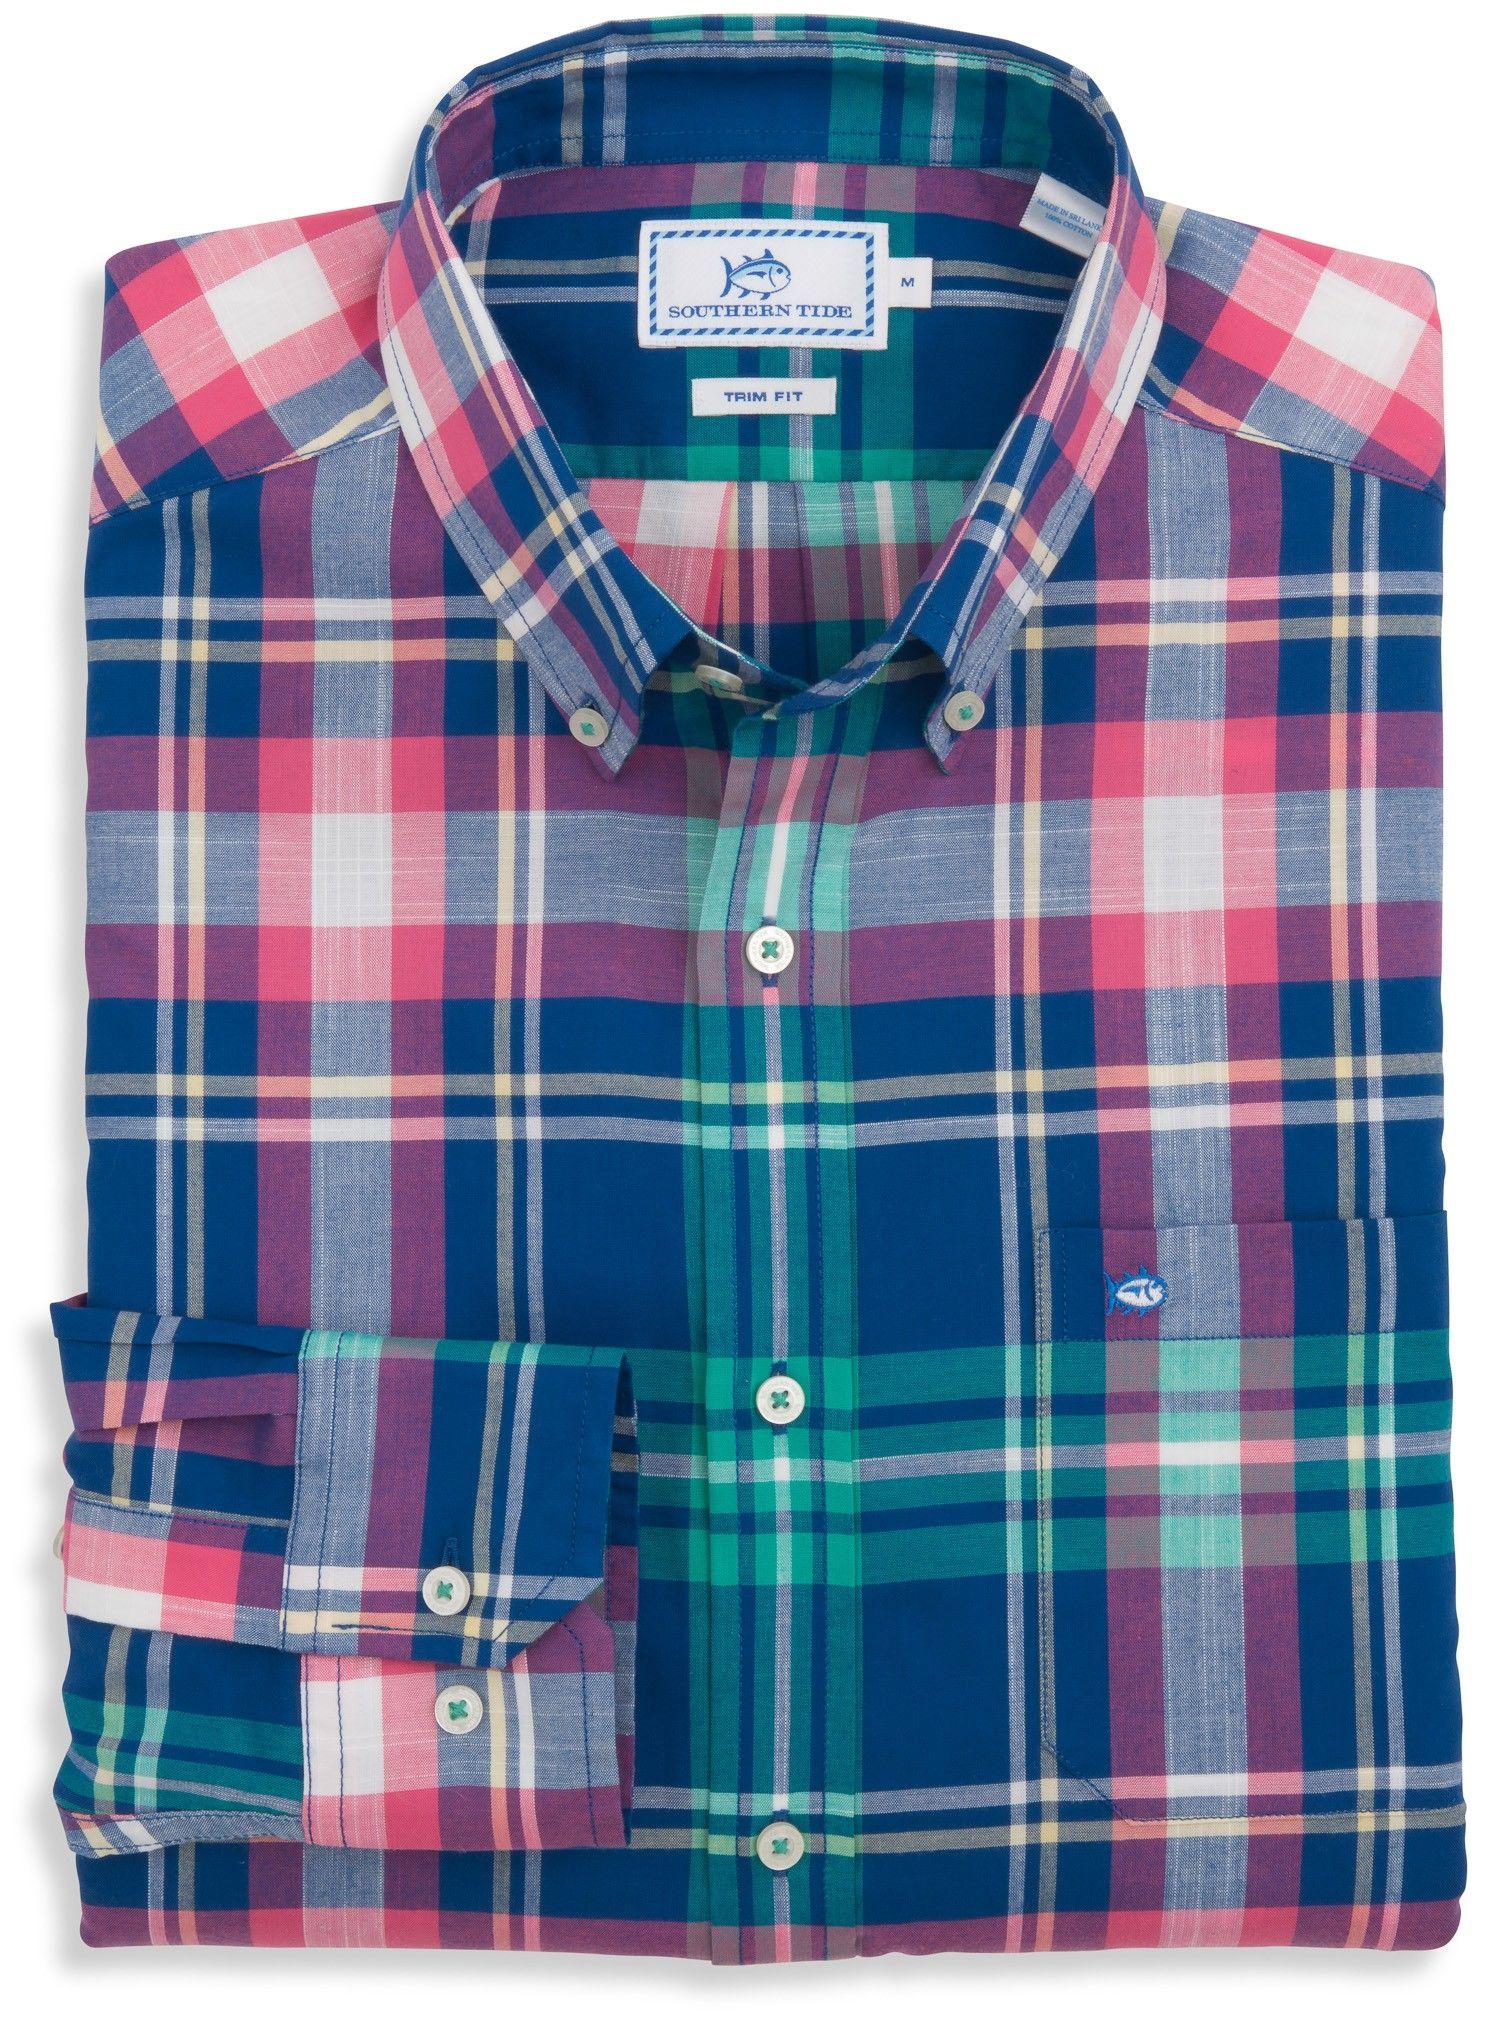 Flannel shirt men outfit  Legare Plaid Sport Shirt  Southern Tide  Plaids  Pinterest